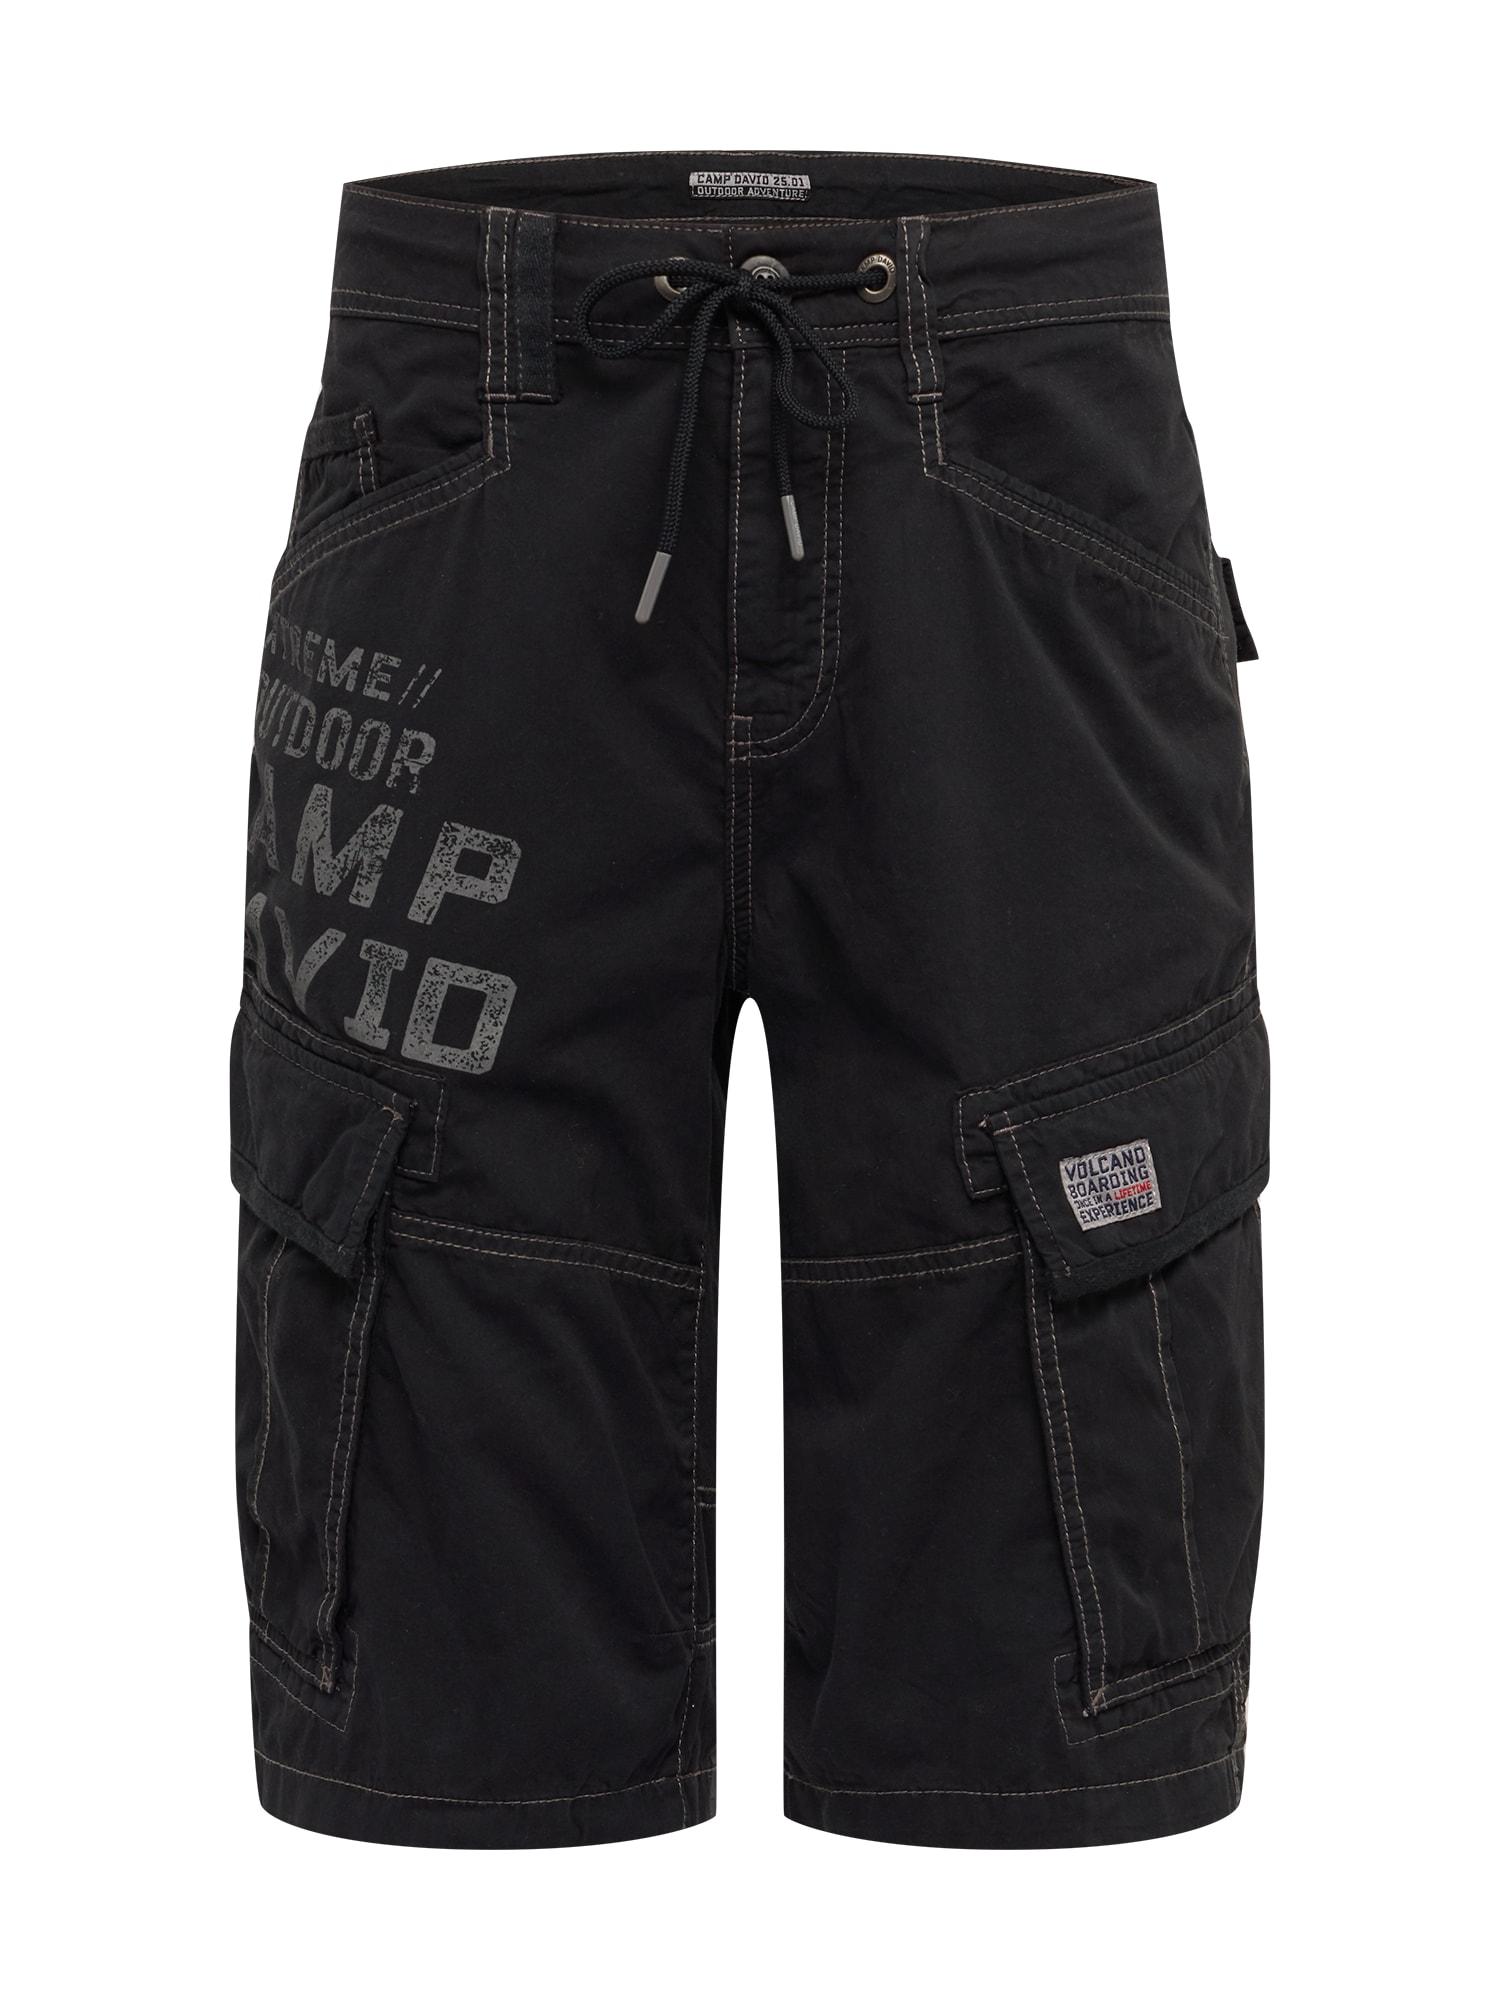 CAMP DAVID Laisvo stiliaus kelnės juoda